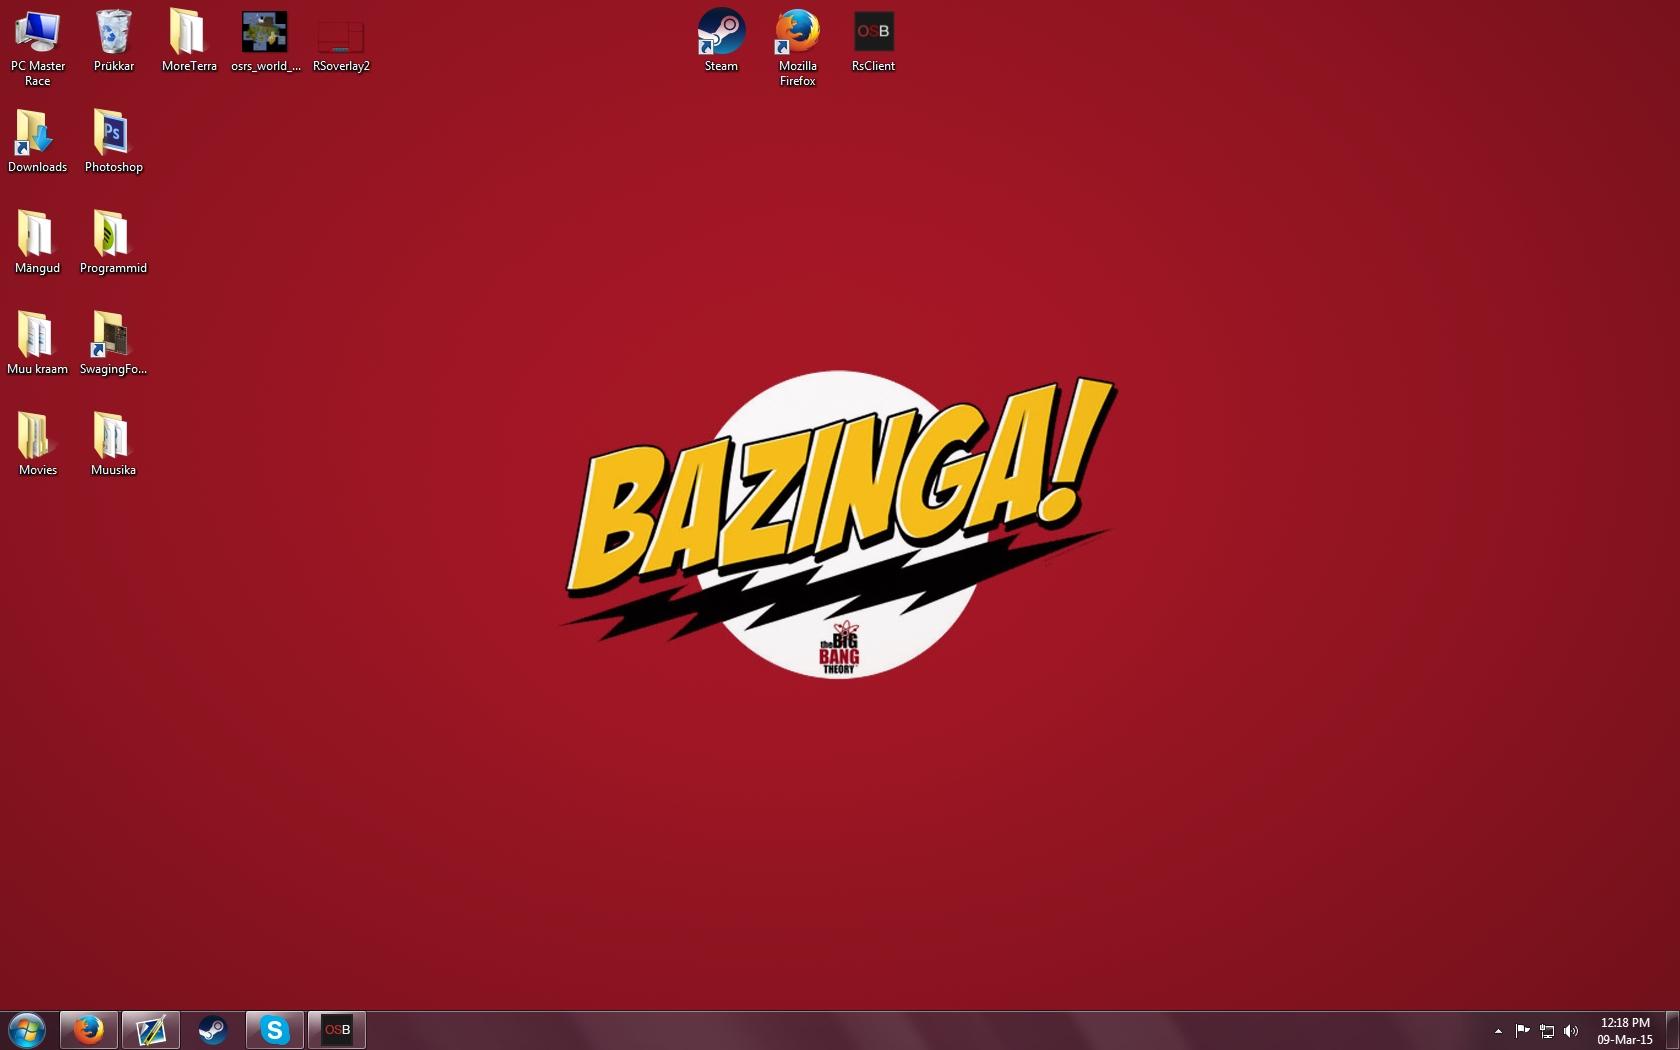 Postita enda arvuti Desktop - Page 2 35e0f9768a1ecc46994f49044d3cf060